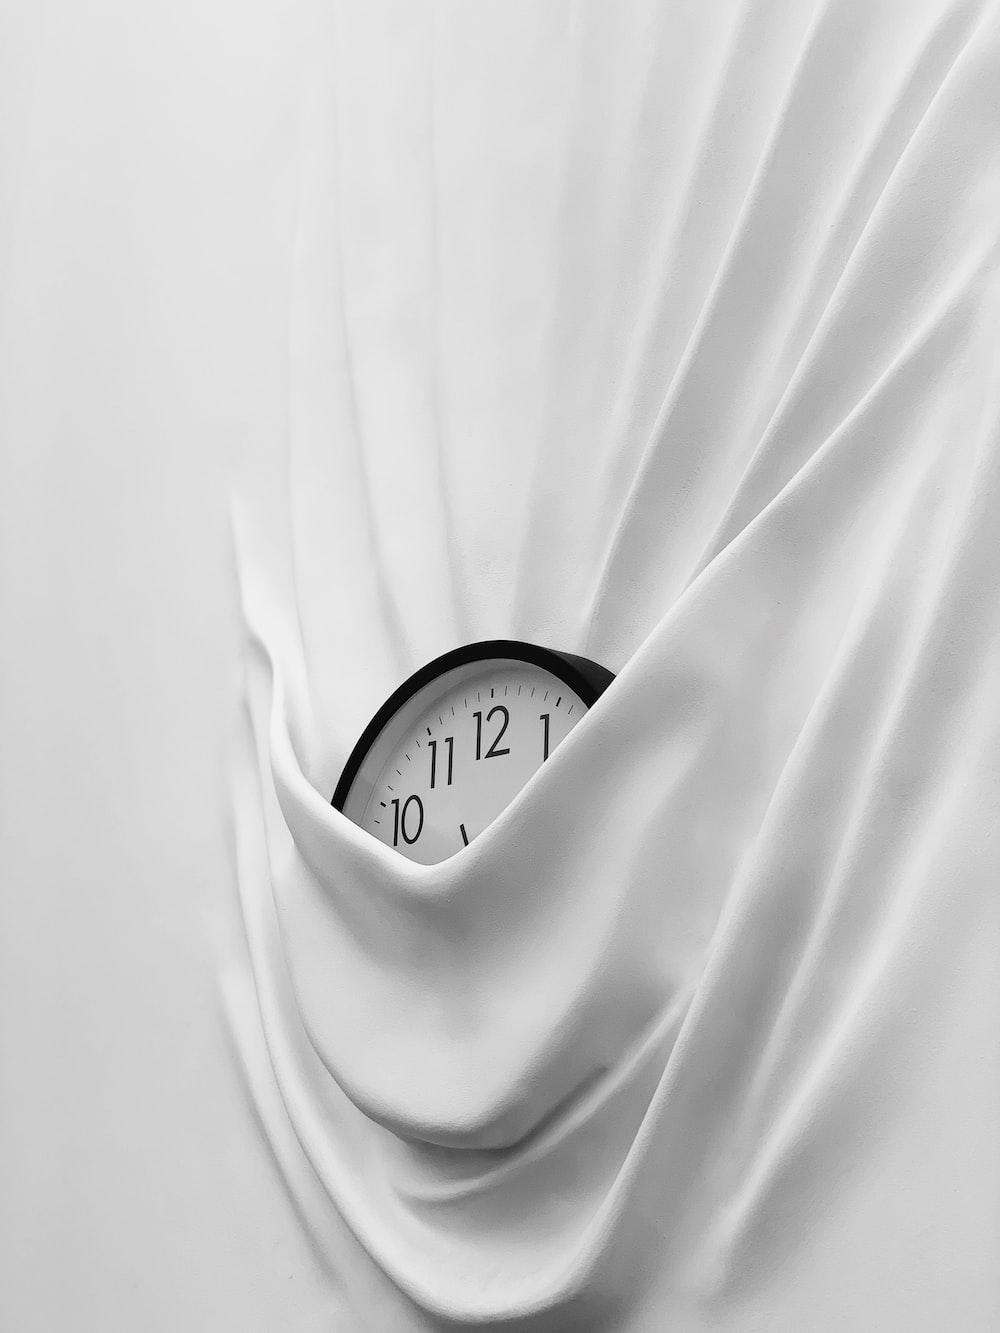 round white and black analog clock